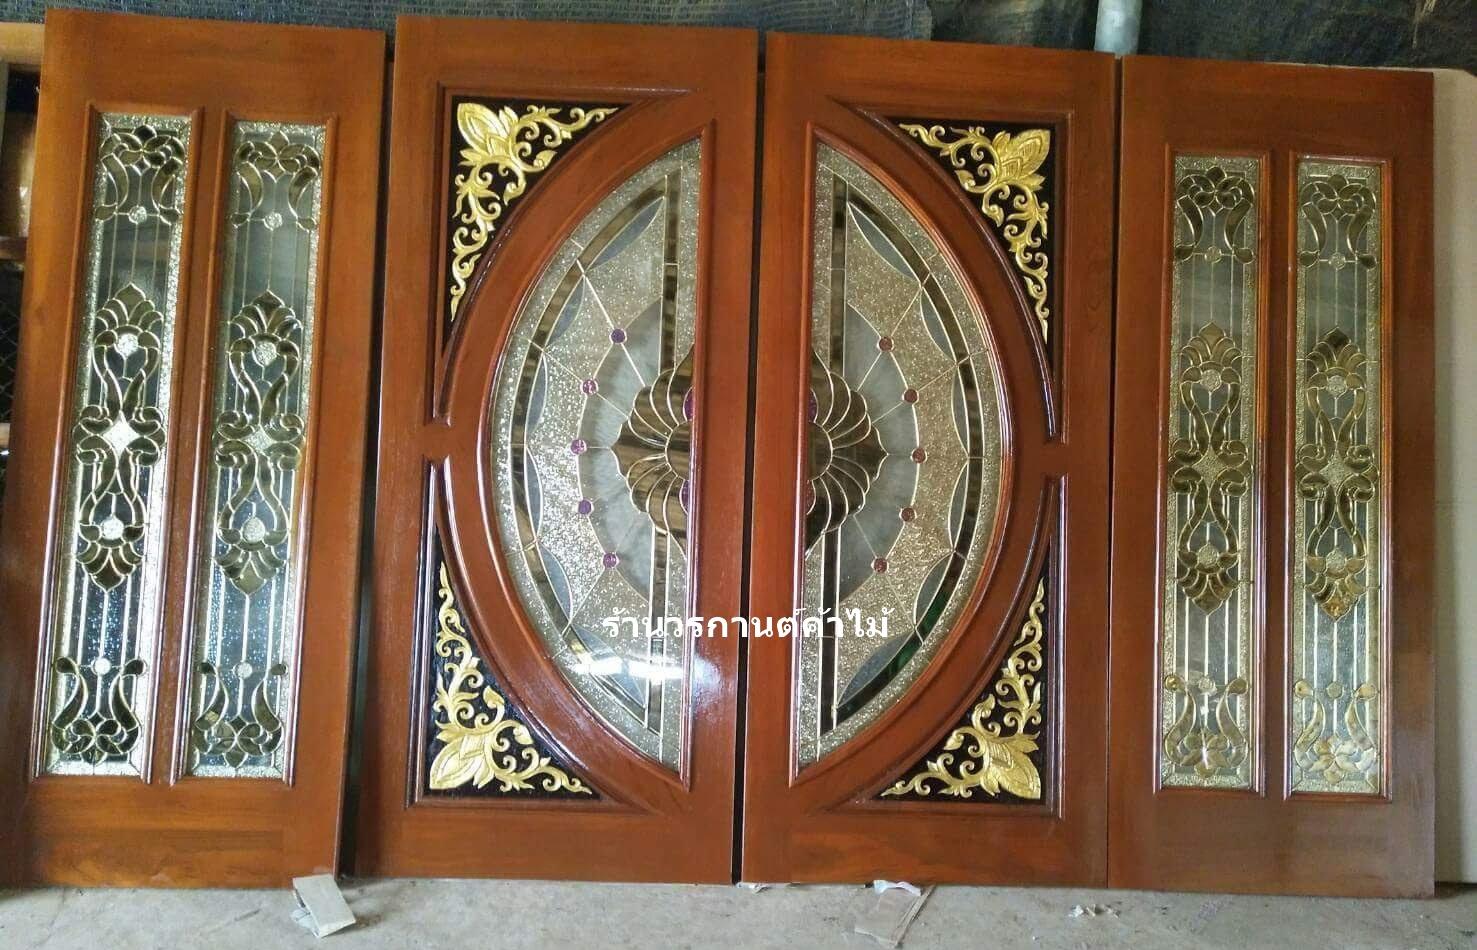 ประตูไม้สักกระจกนิรภัยแตงโมเต็มบาน ชุด4ชิ้น เกรดA,B รหัสAAA127